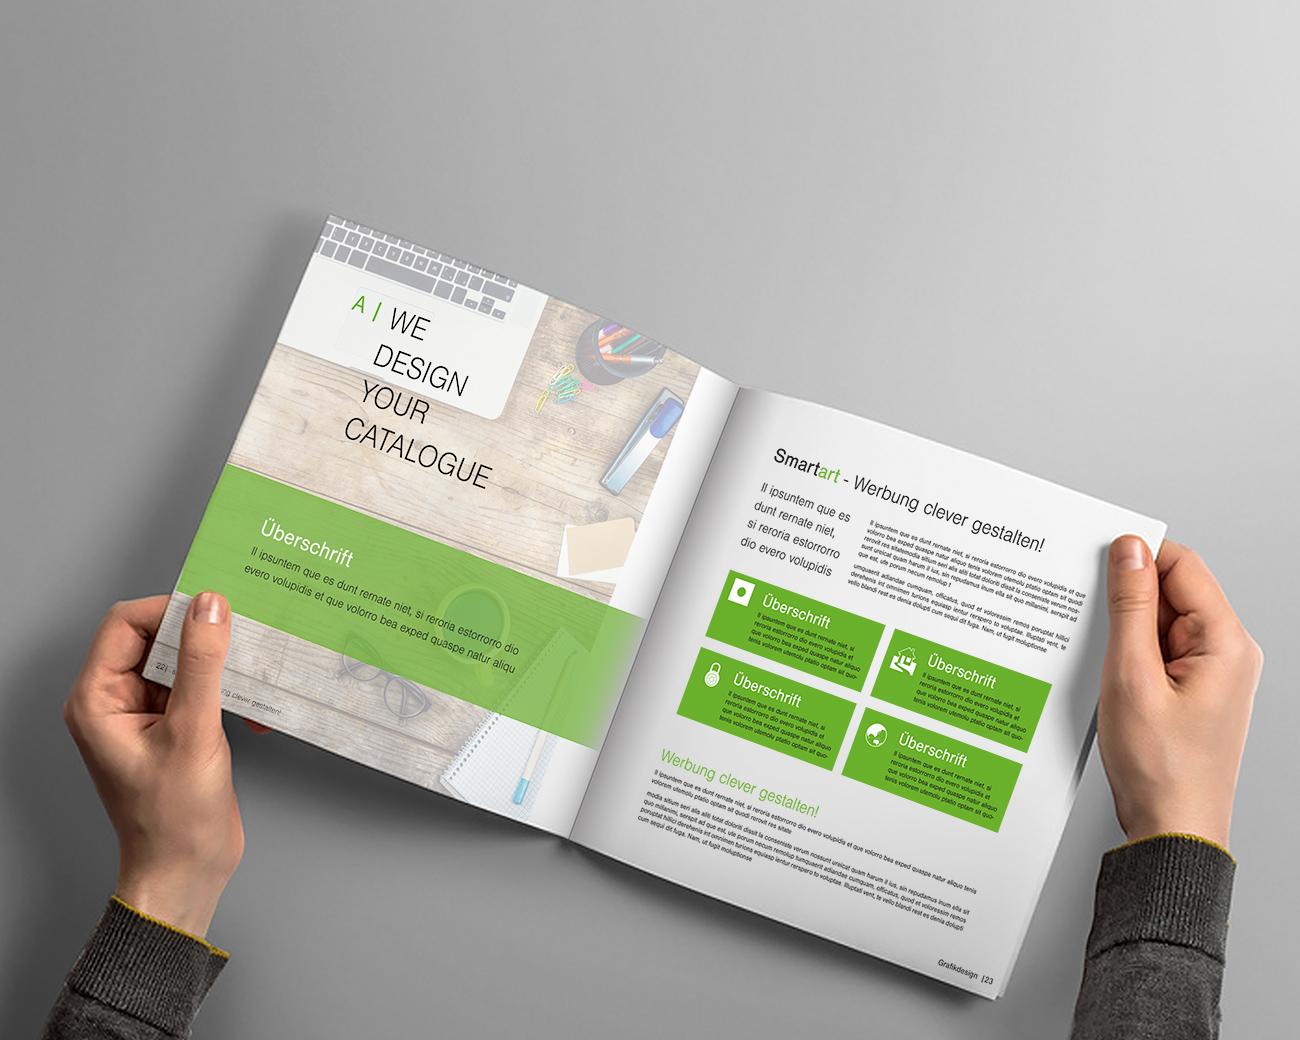 Gestaltung von Katalogen